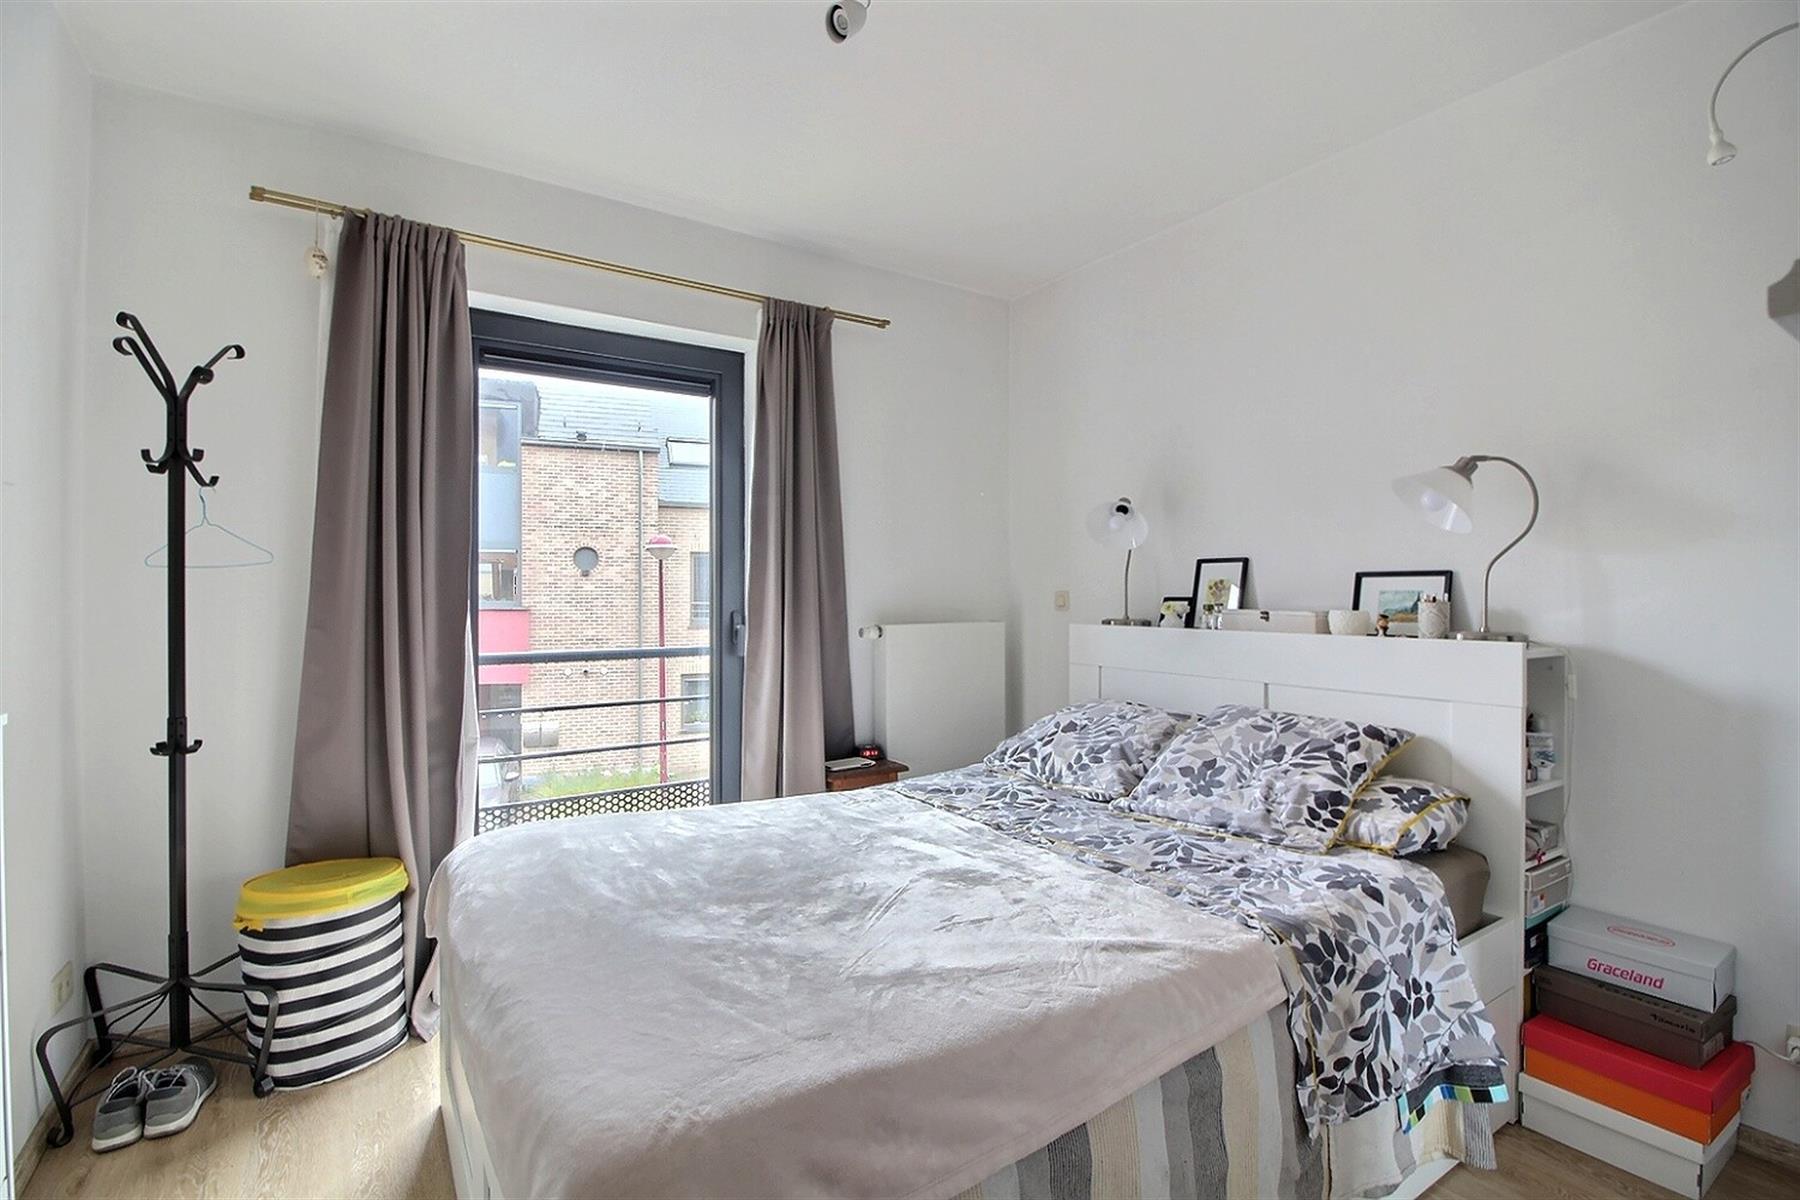 Appartement - Ottignies-Louvain-la-Neuve - #4174683-3